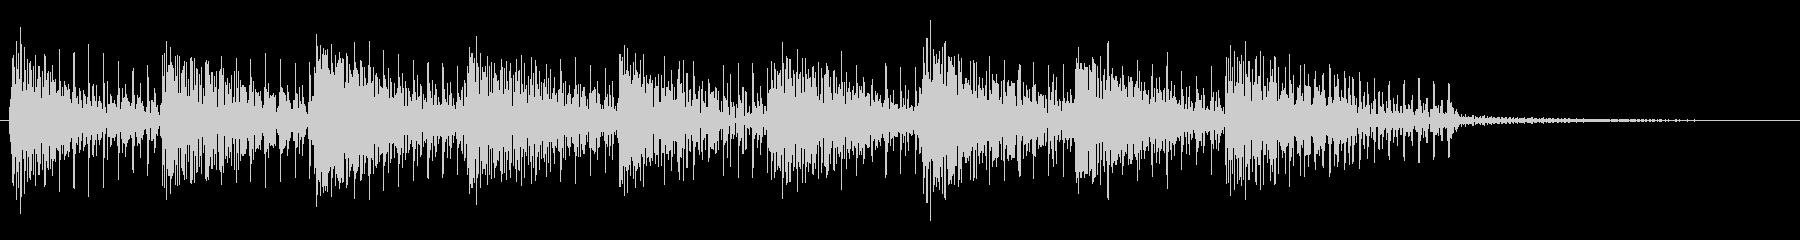 オールドスクールテクノポップ風アナログ音の未再生の波形